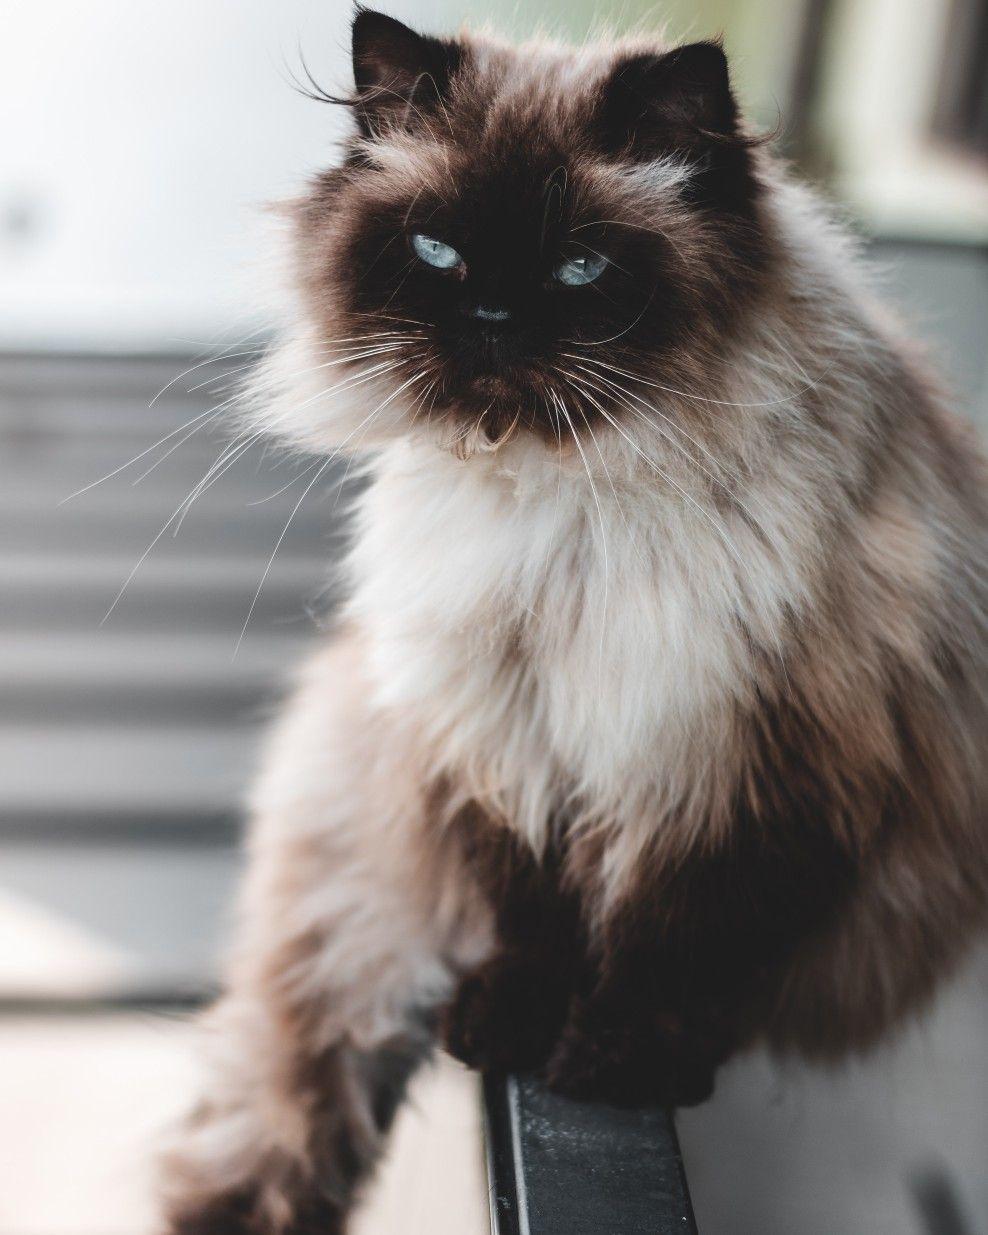 Lunesgatunos Gato Persa Exotico Gato Persa Gatos